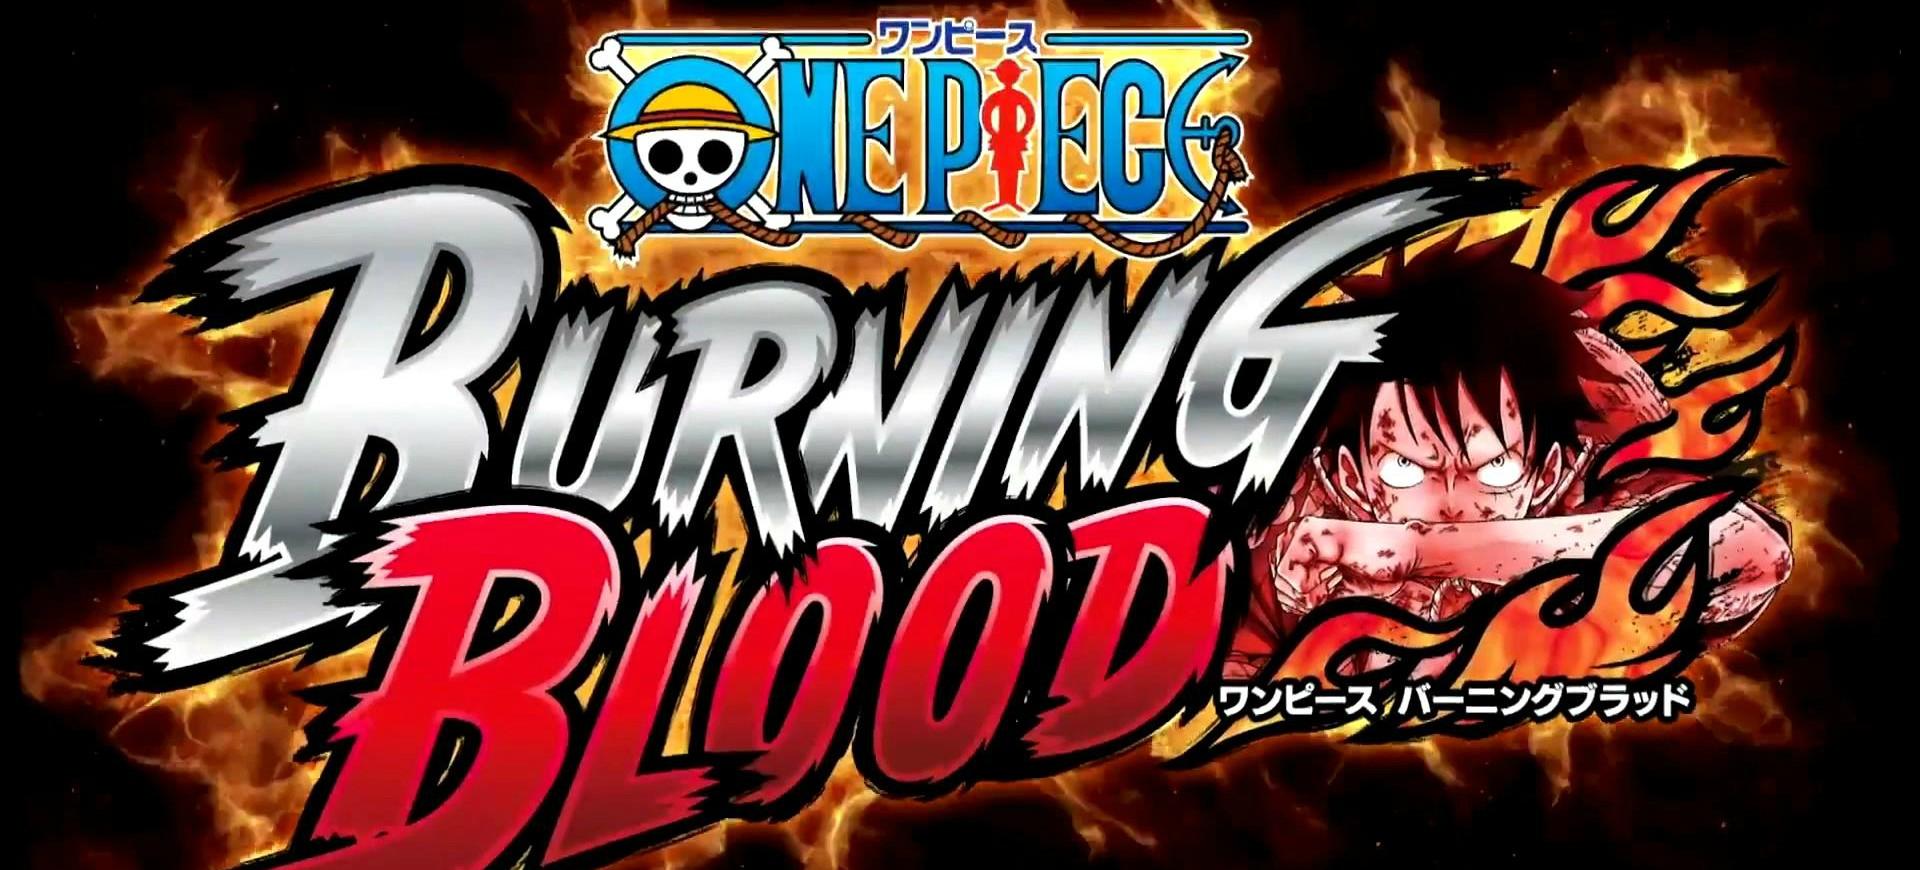 One Piece: Burning Blood xác nhận ngày đổ bộ lên PC – Tin Game